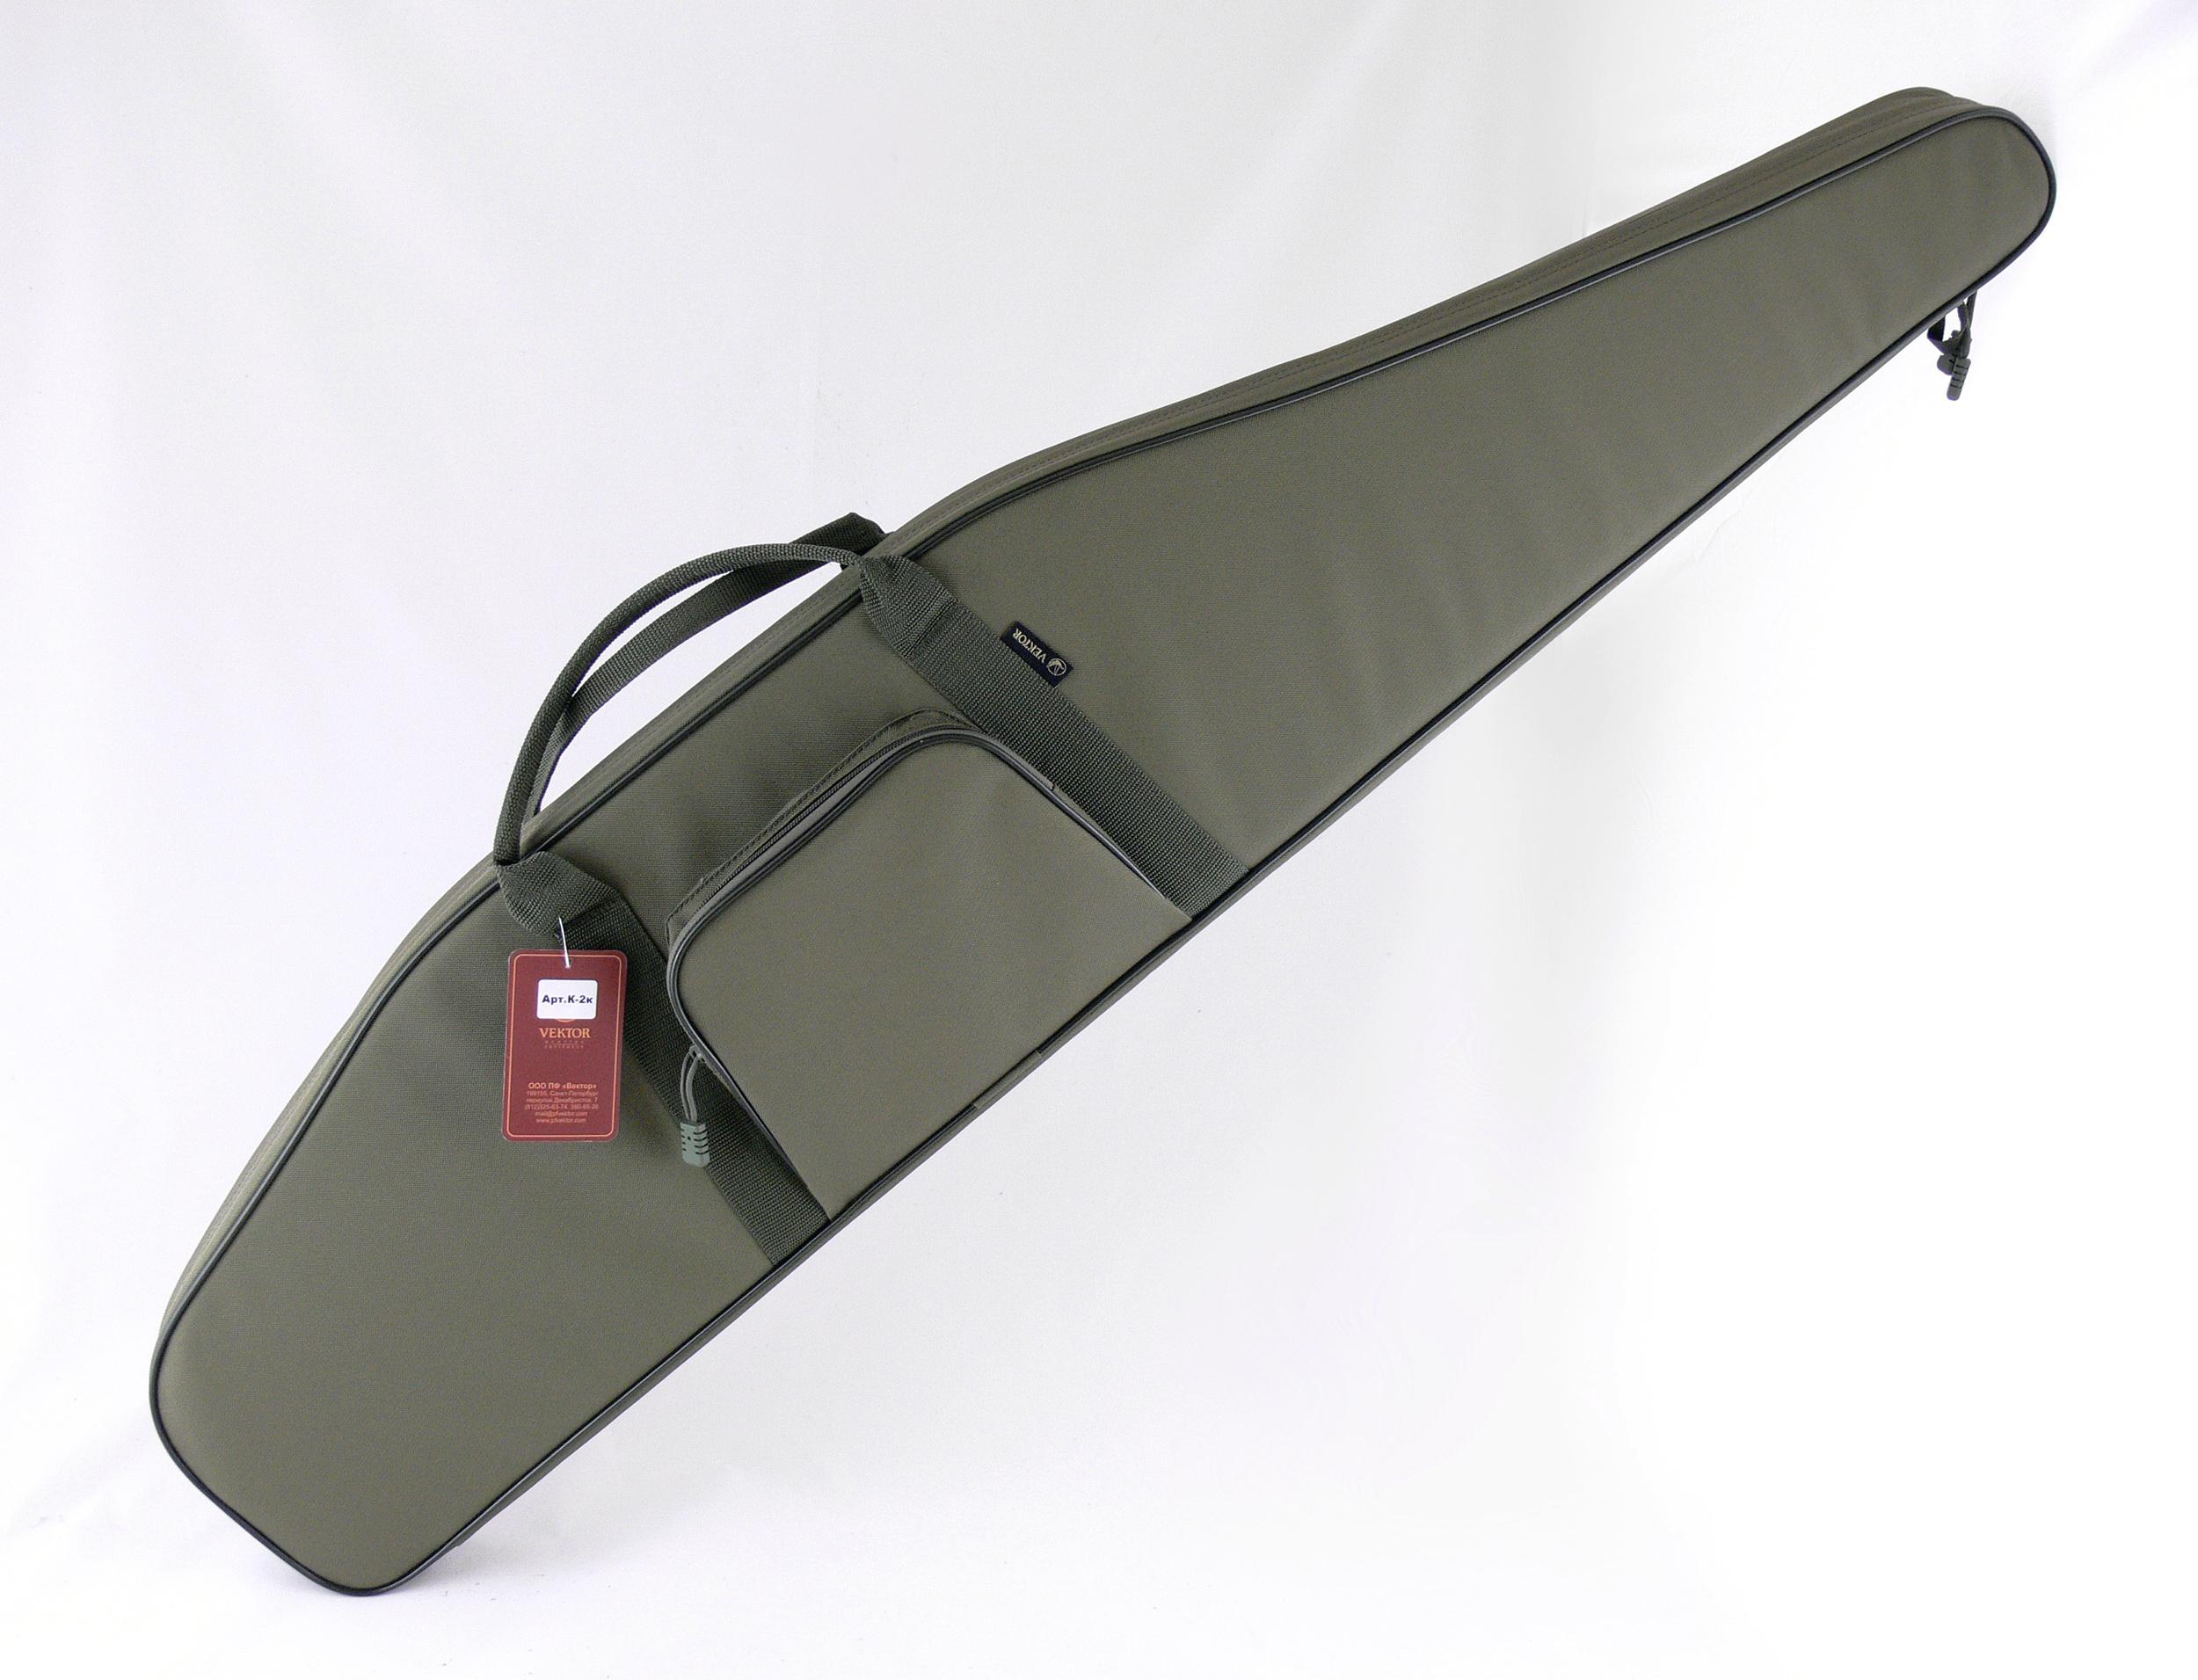 Чехол для винтовки Vektor, цвет: зеленый, с оптическим прицелом, длина 125 см. К-2к чехол для винтовки vektor цвет зеленый с оптическим прицелом длина 103 см